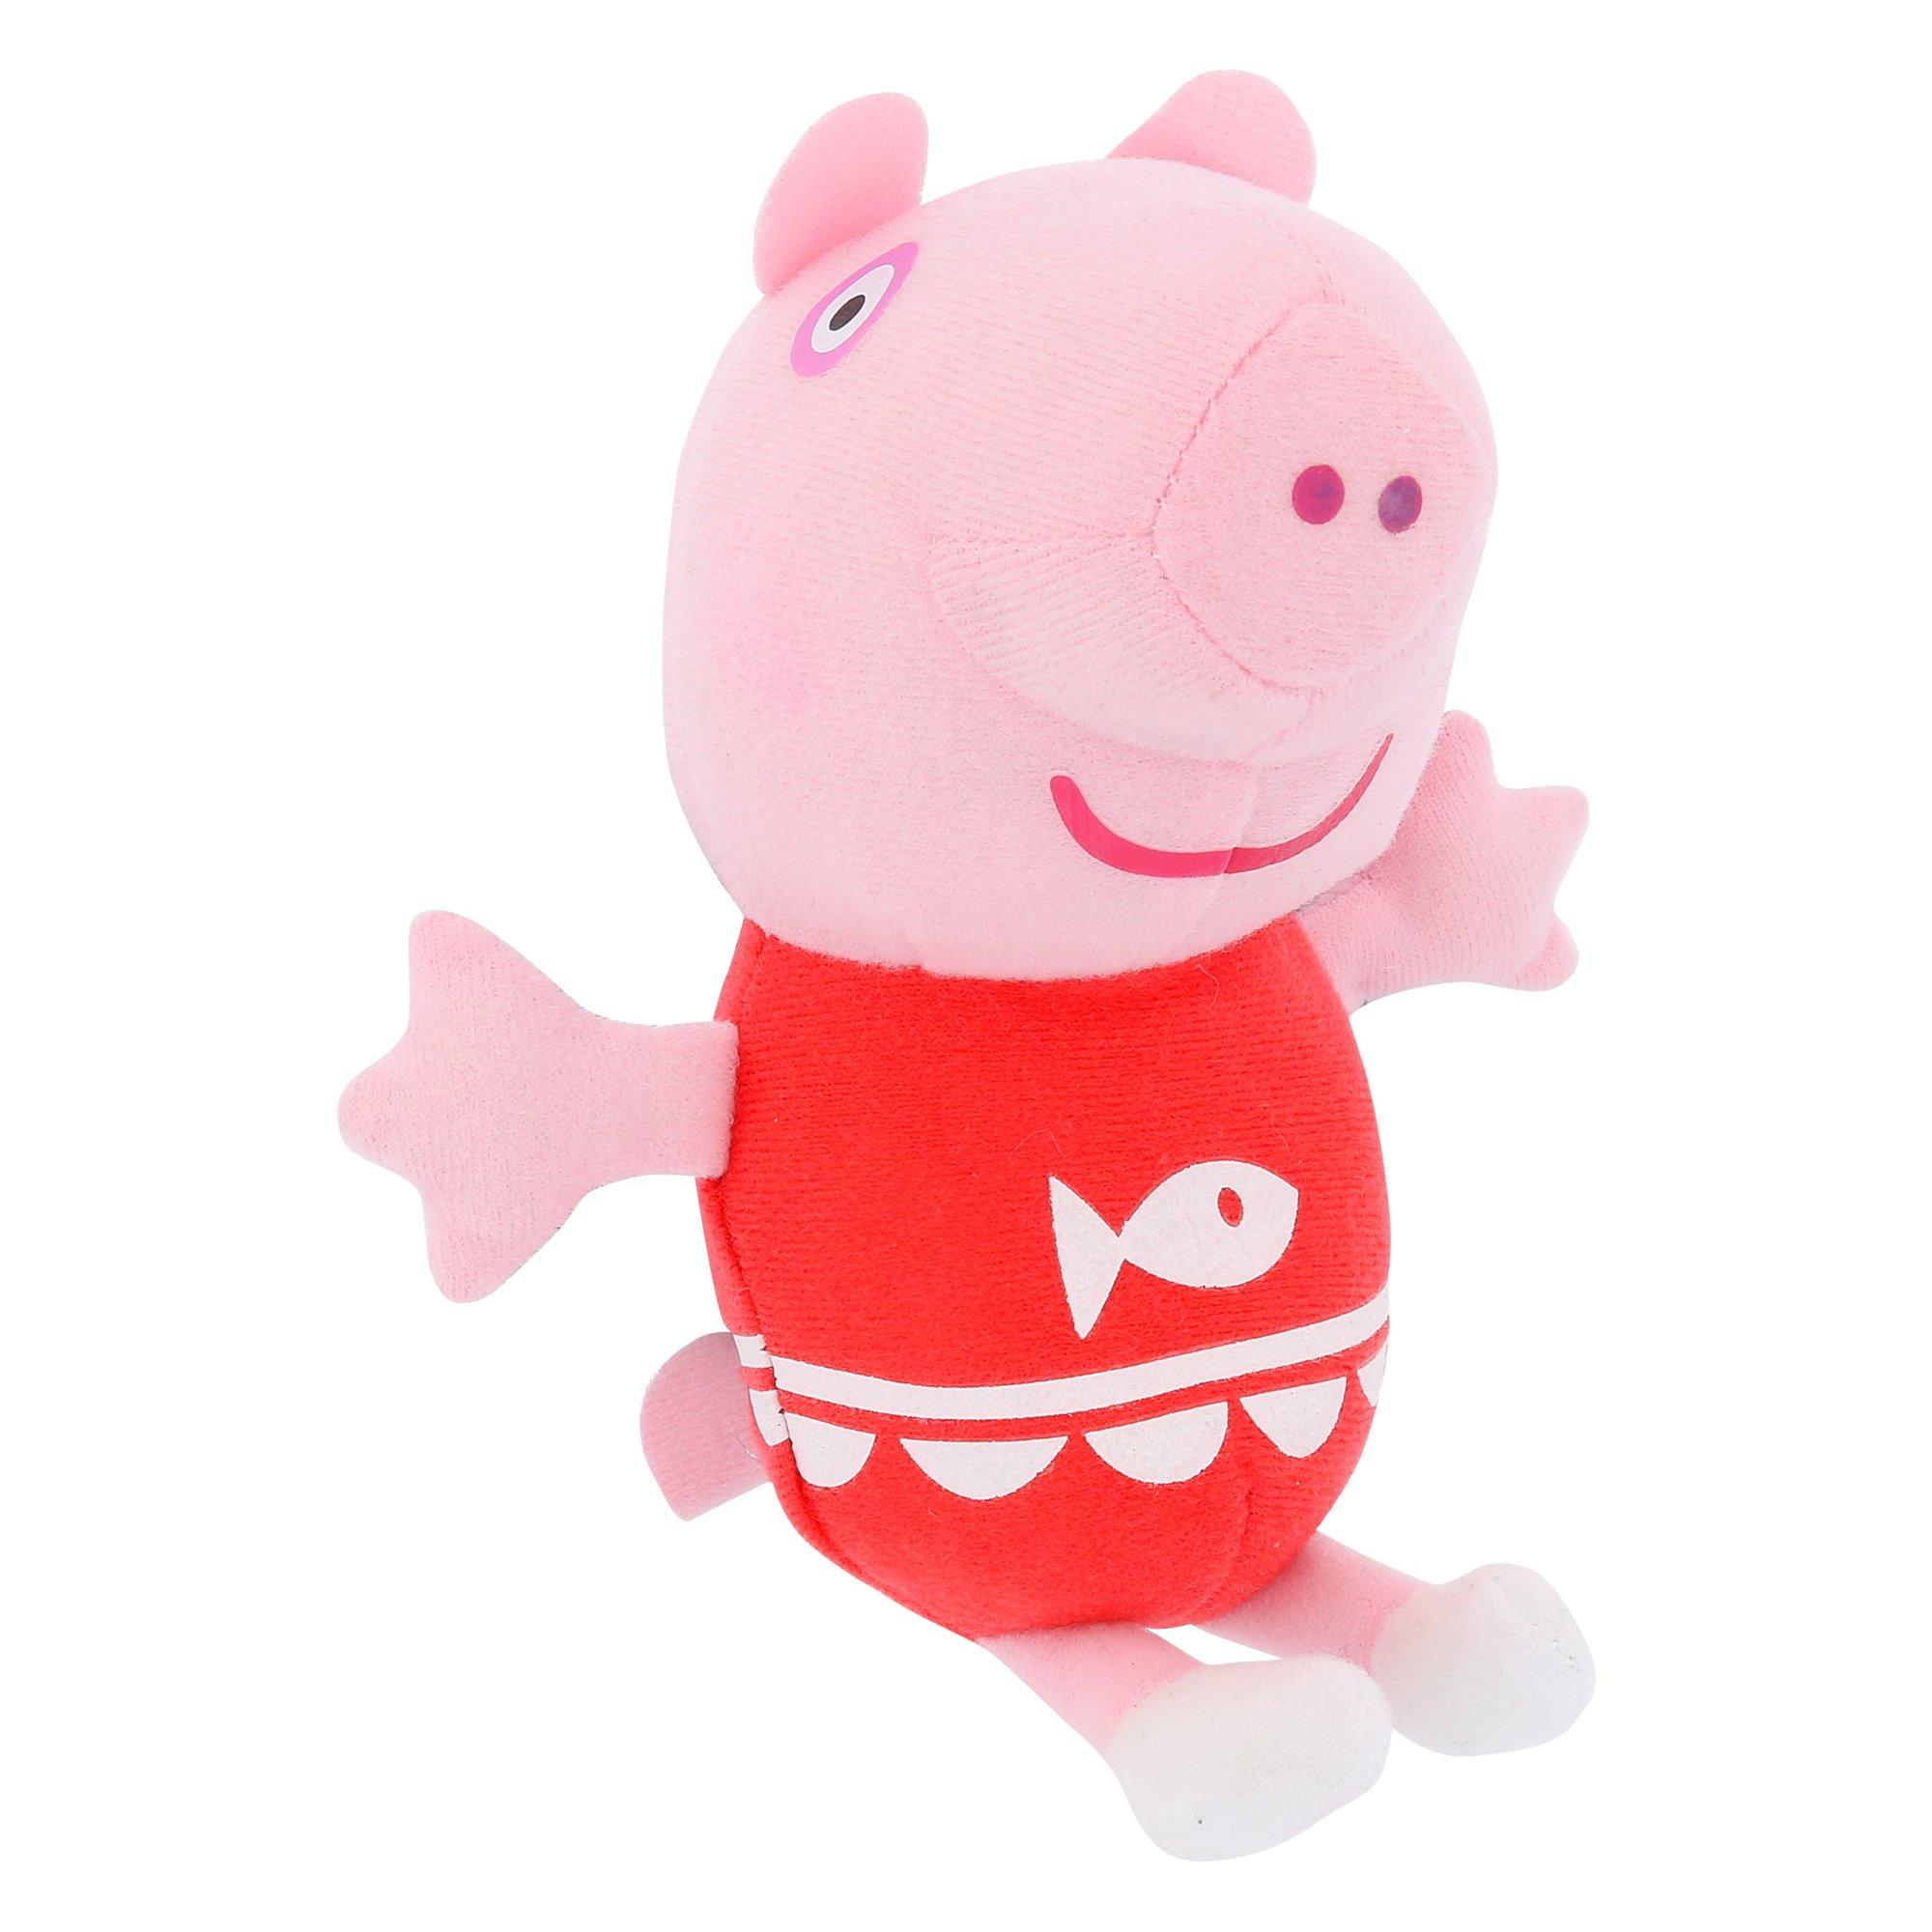 Peppa Pig Peppa Cosmetic 1ml  3D Bath Sponge Peppa